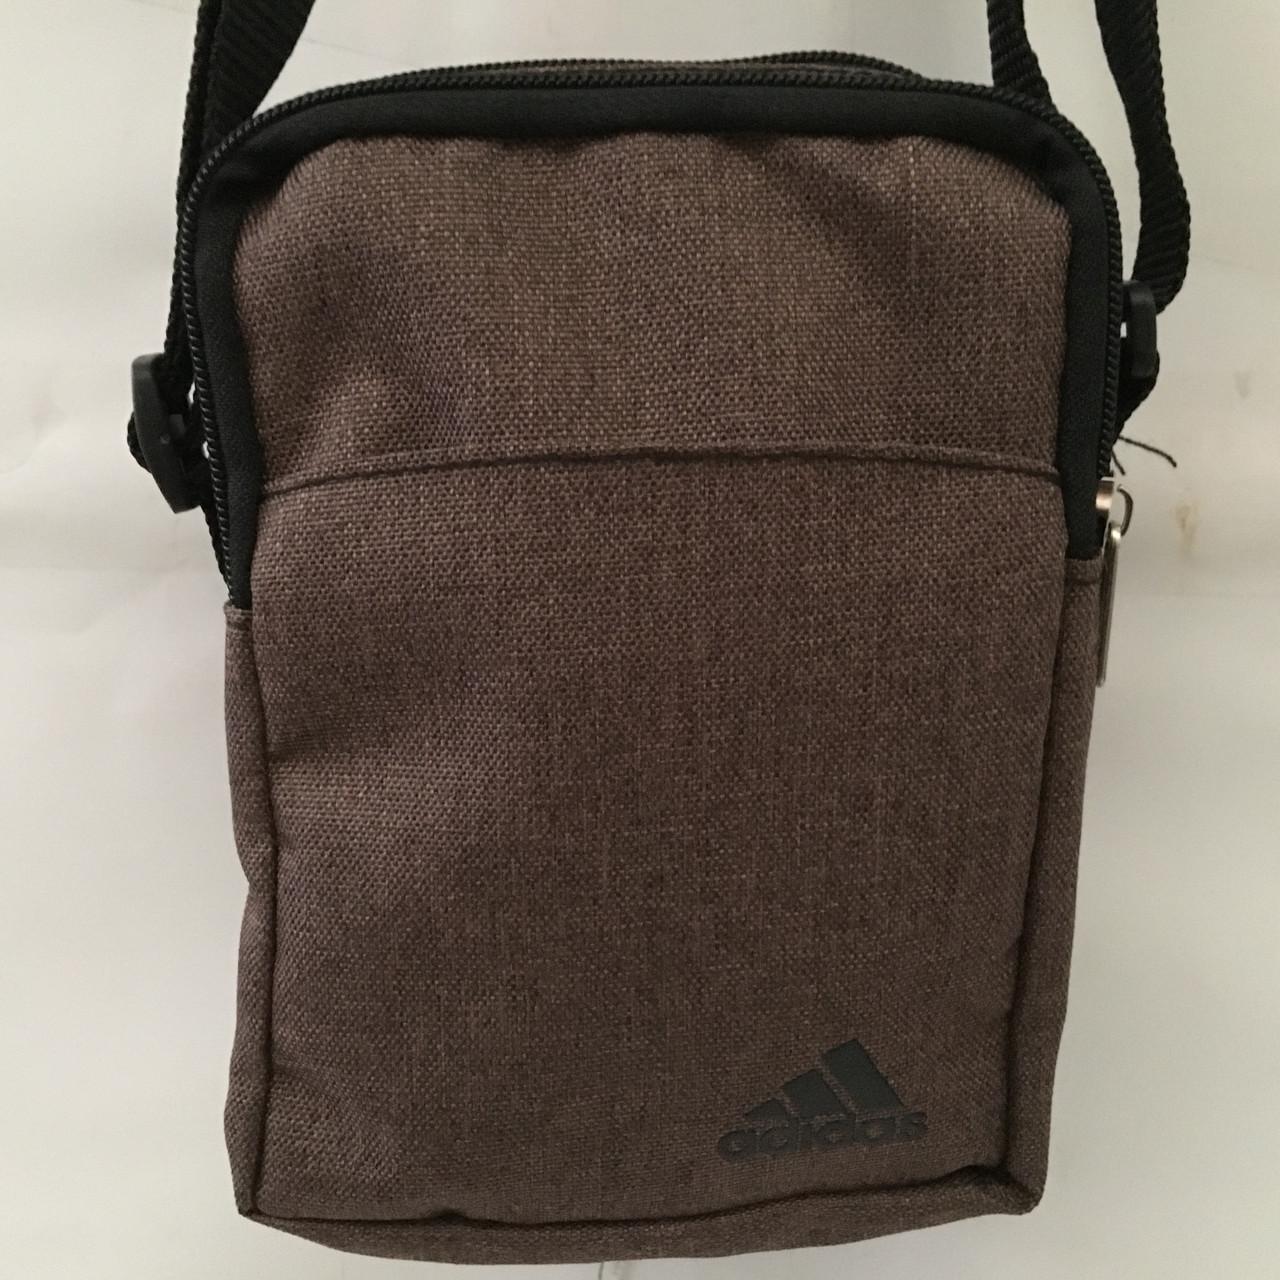 28d5128b4f30 Высококачественная мужская сумка через плече. Удобная, практичная сумка. Мужская  сумка Адидас